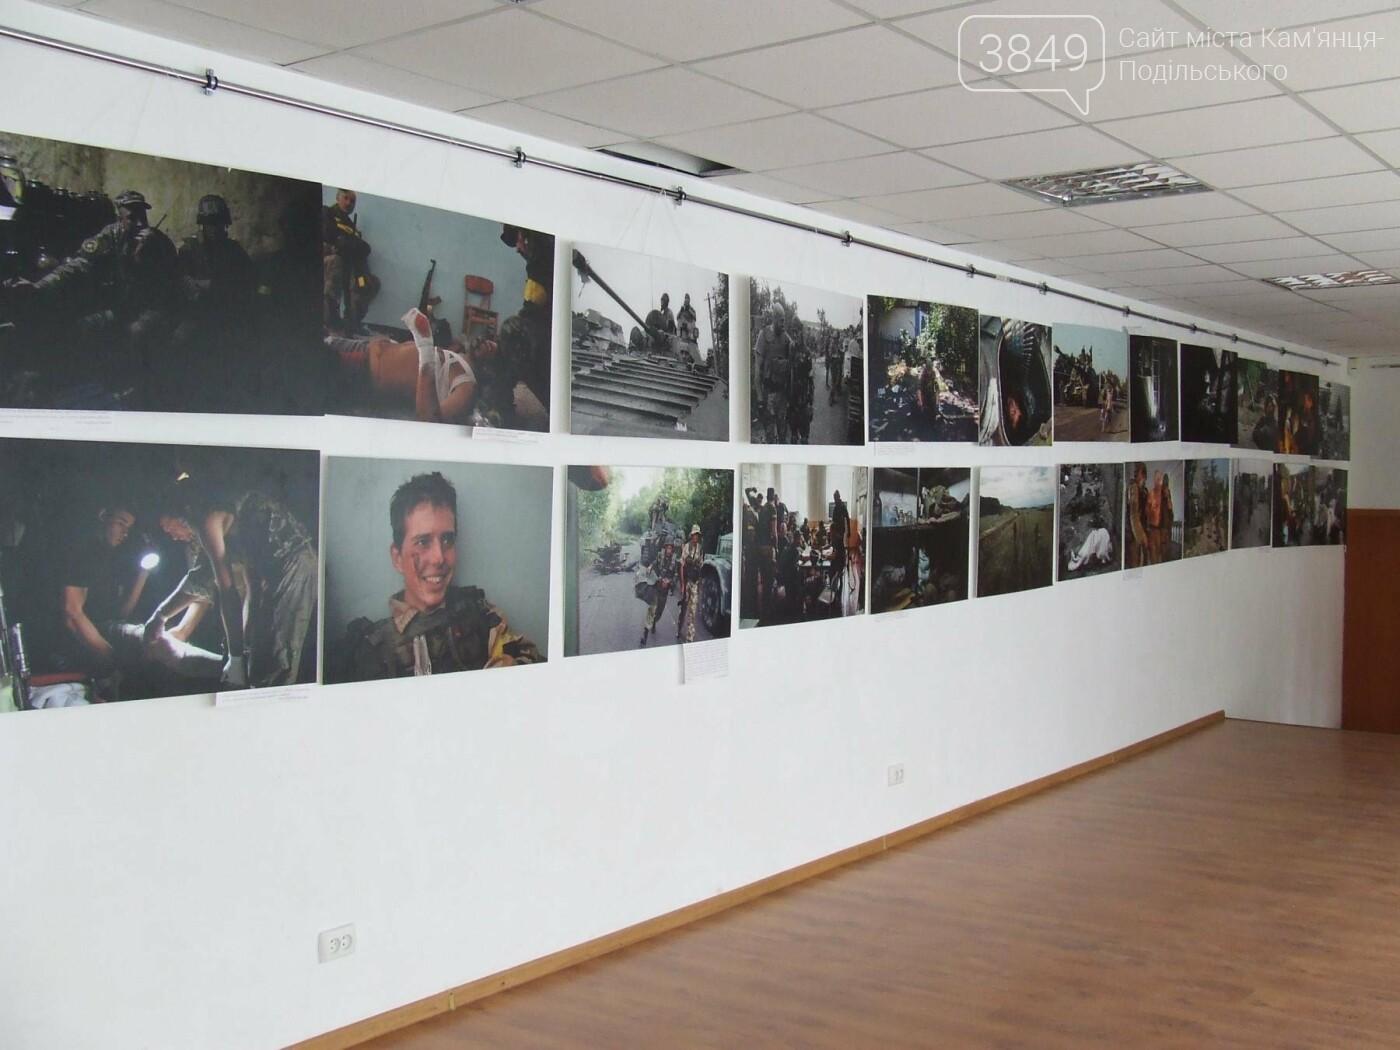 """У Кам'янці відкрито виставку """"Іловайськ - 2014"""", фото-7"""